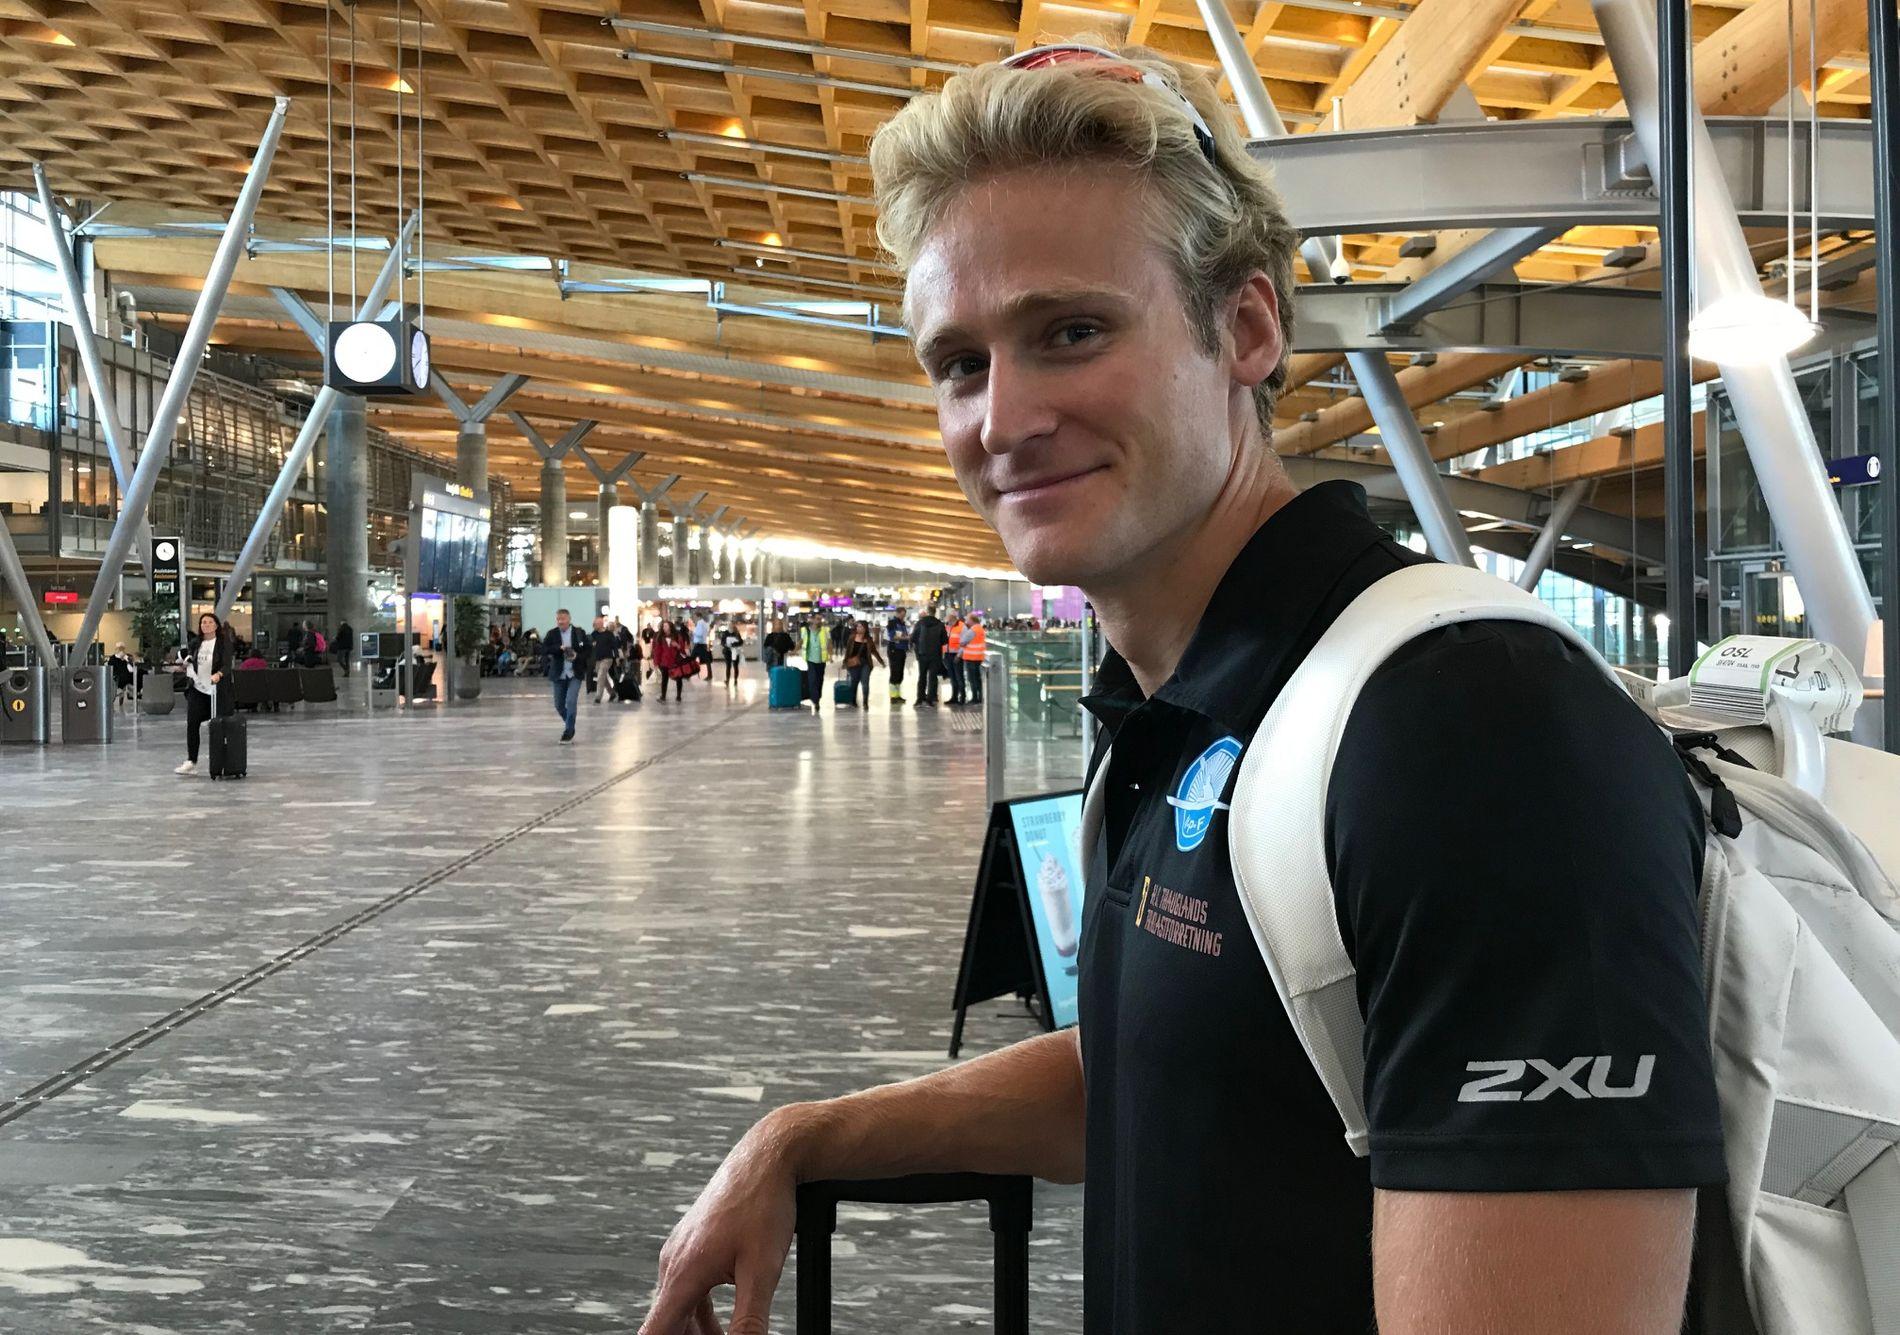 UNGARN NESTE: Eivind Vold dro til VM-byen Szeged onsdag morgen. Kommende helg padler han for OL-plass og VM-gull.